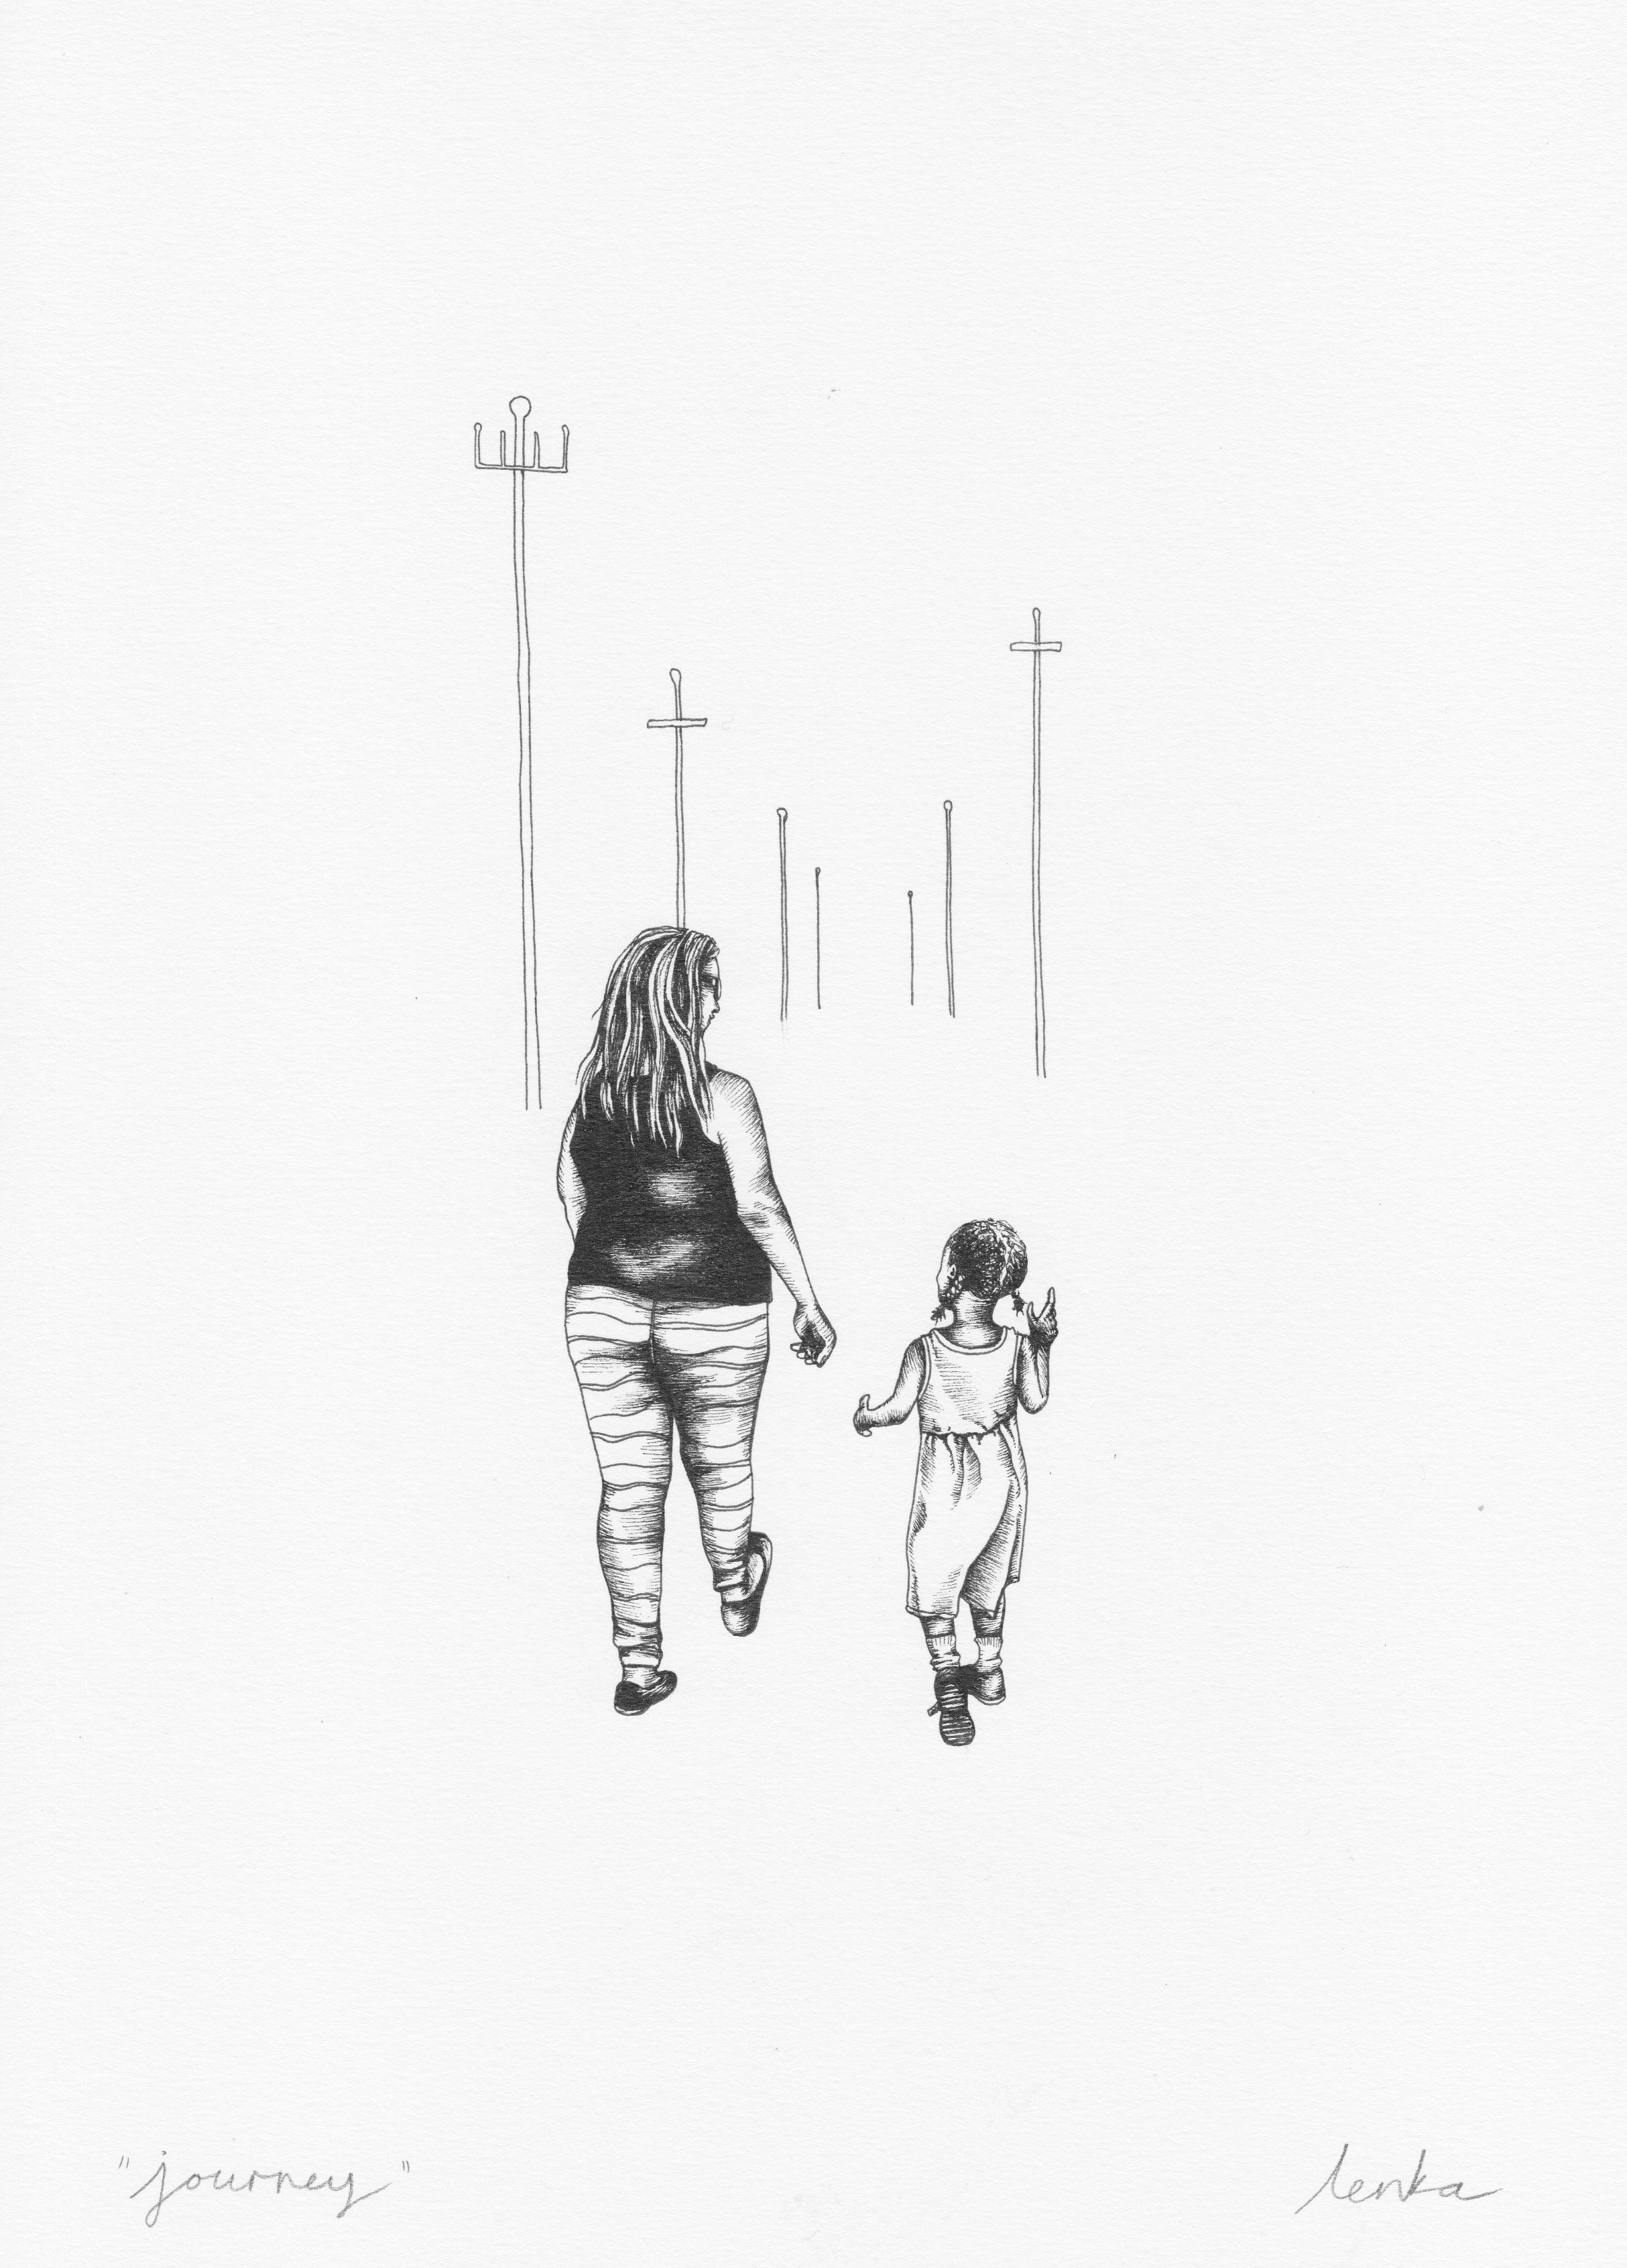 Lenka Cronje – Nr. 2.11 – journey